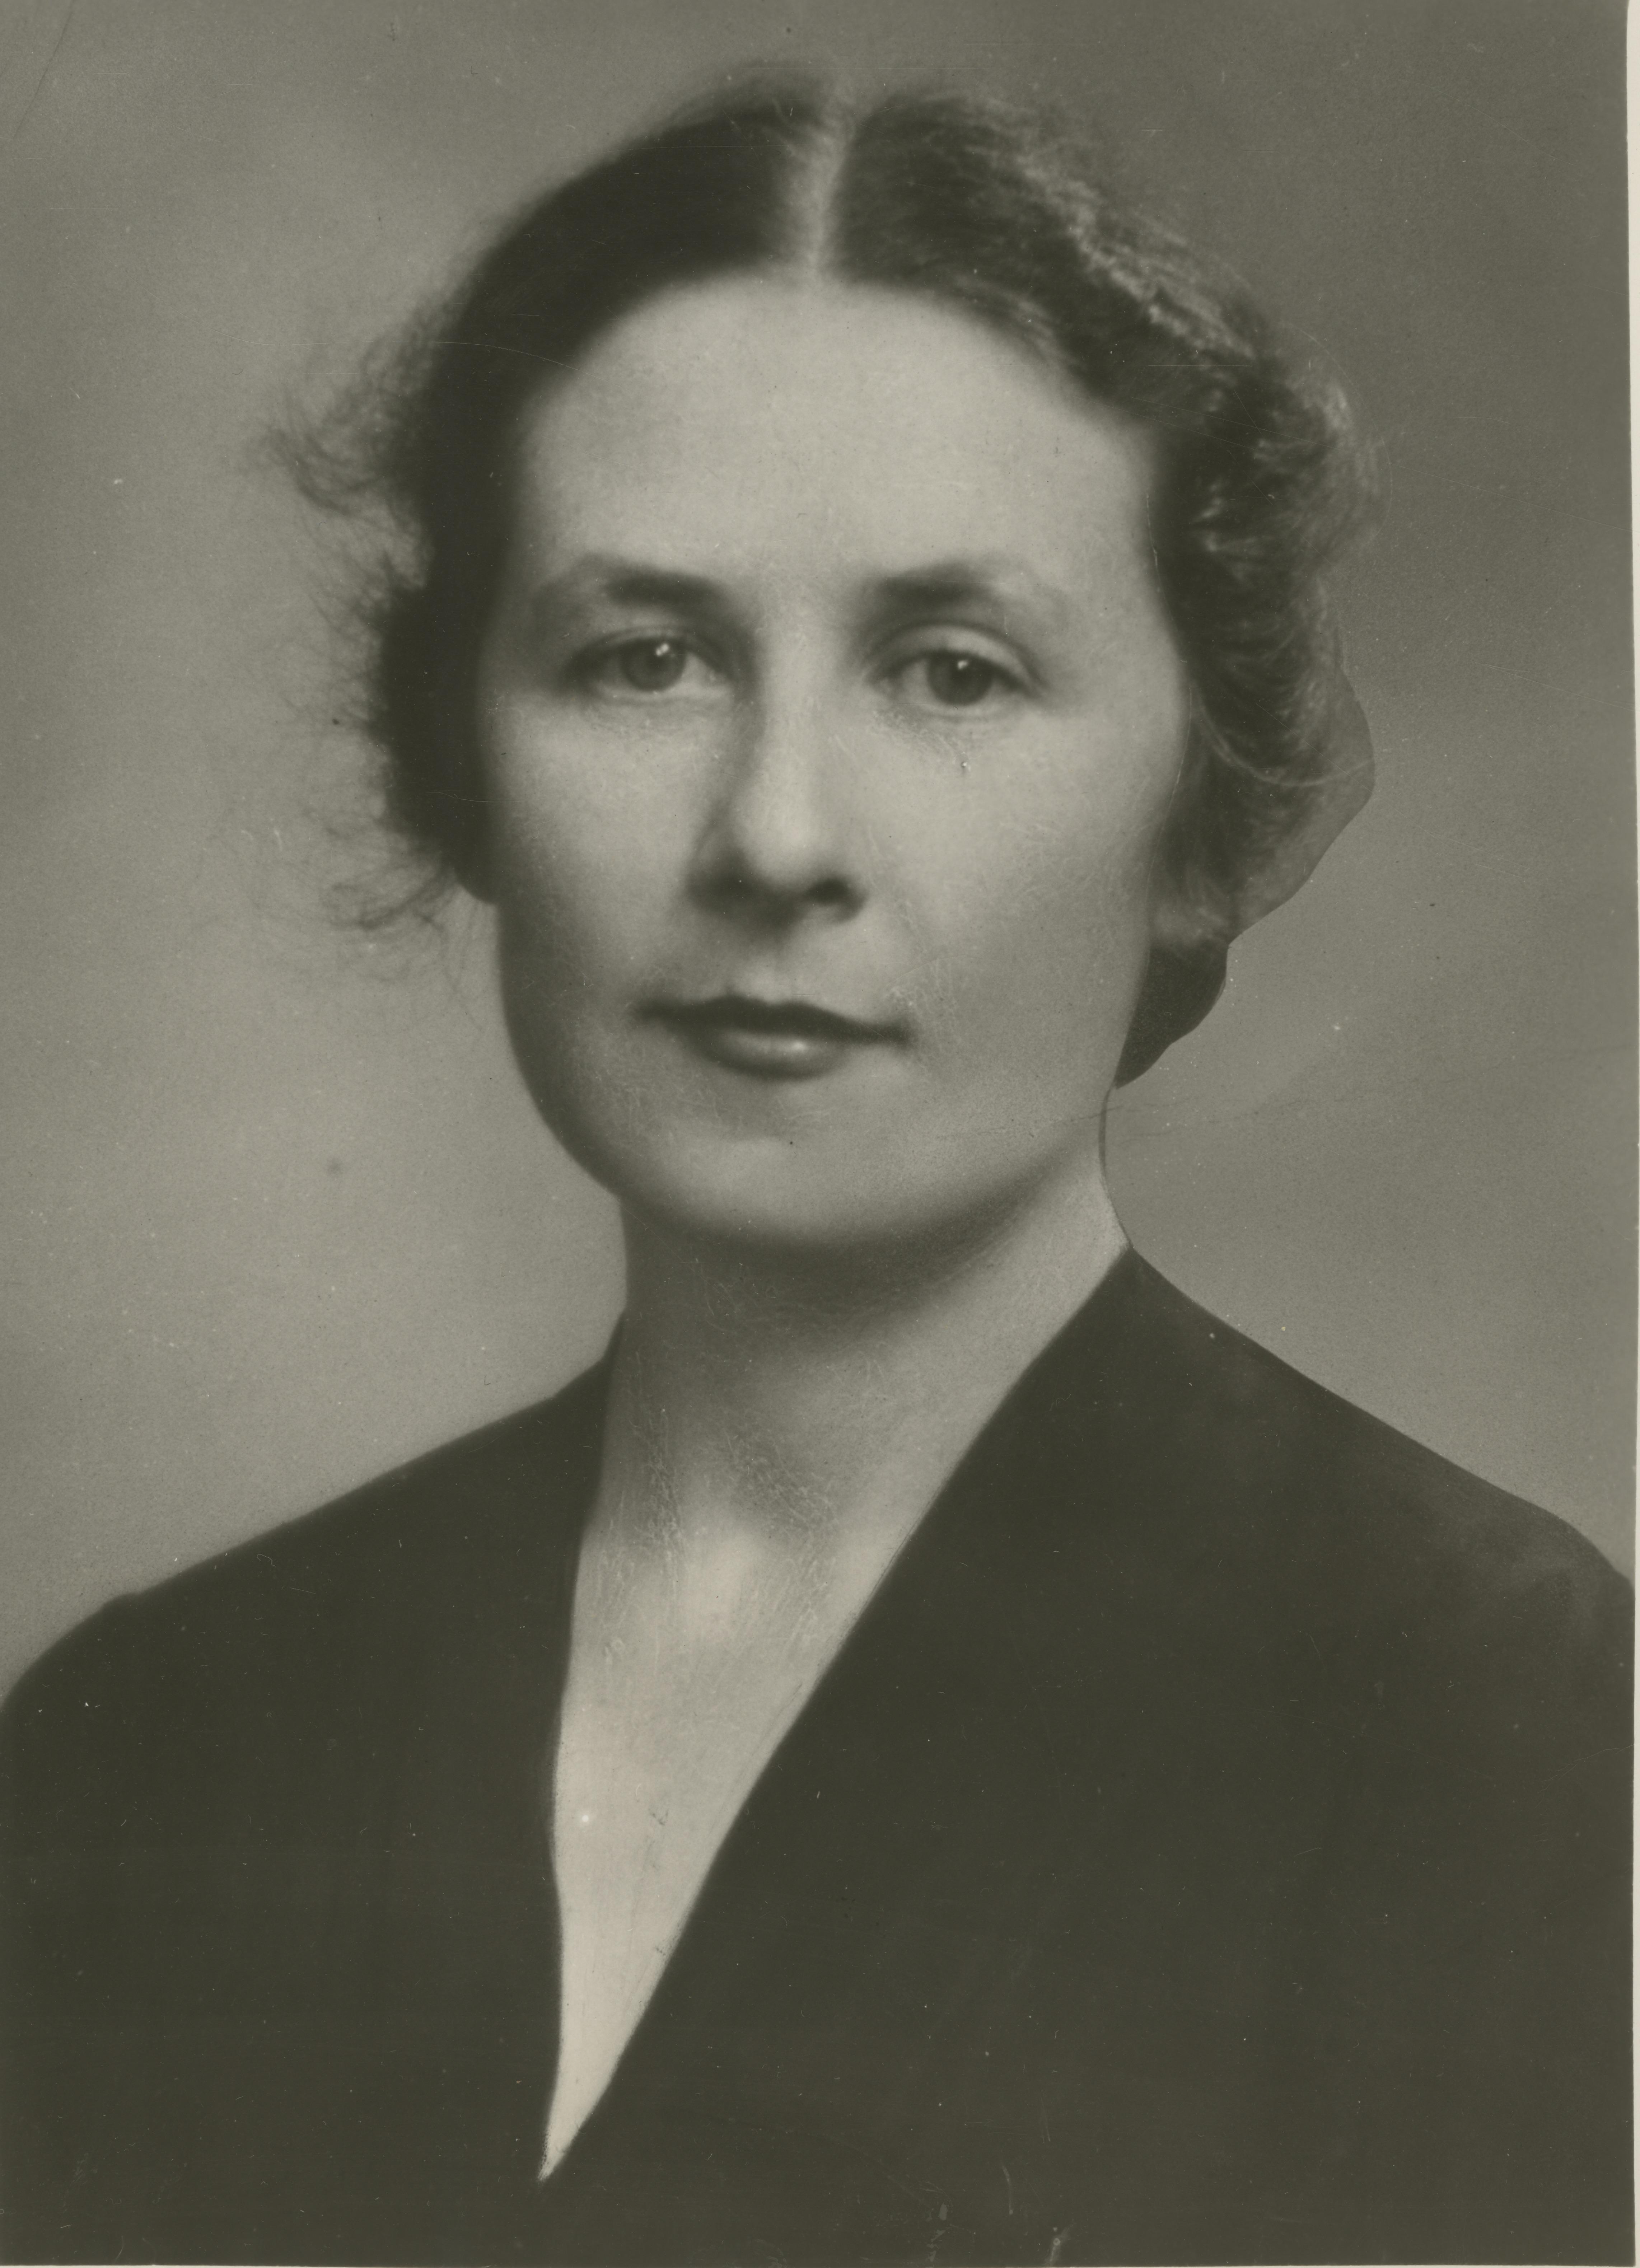 Portrait photograph of a woman.